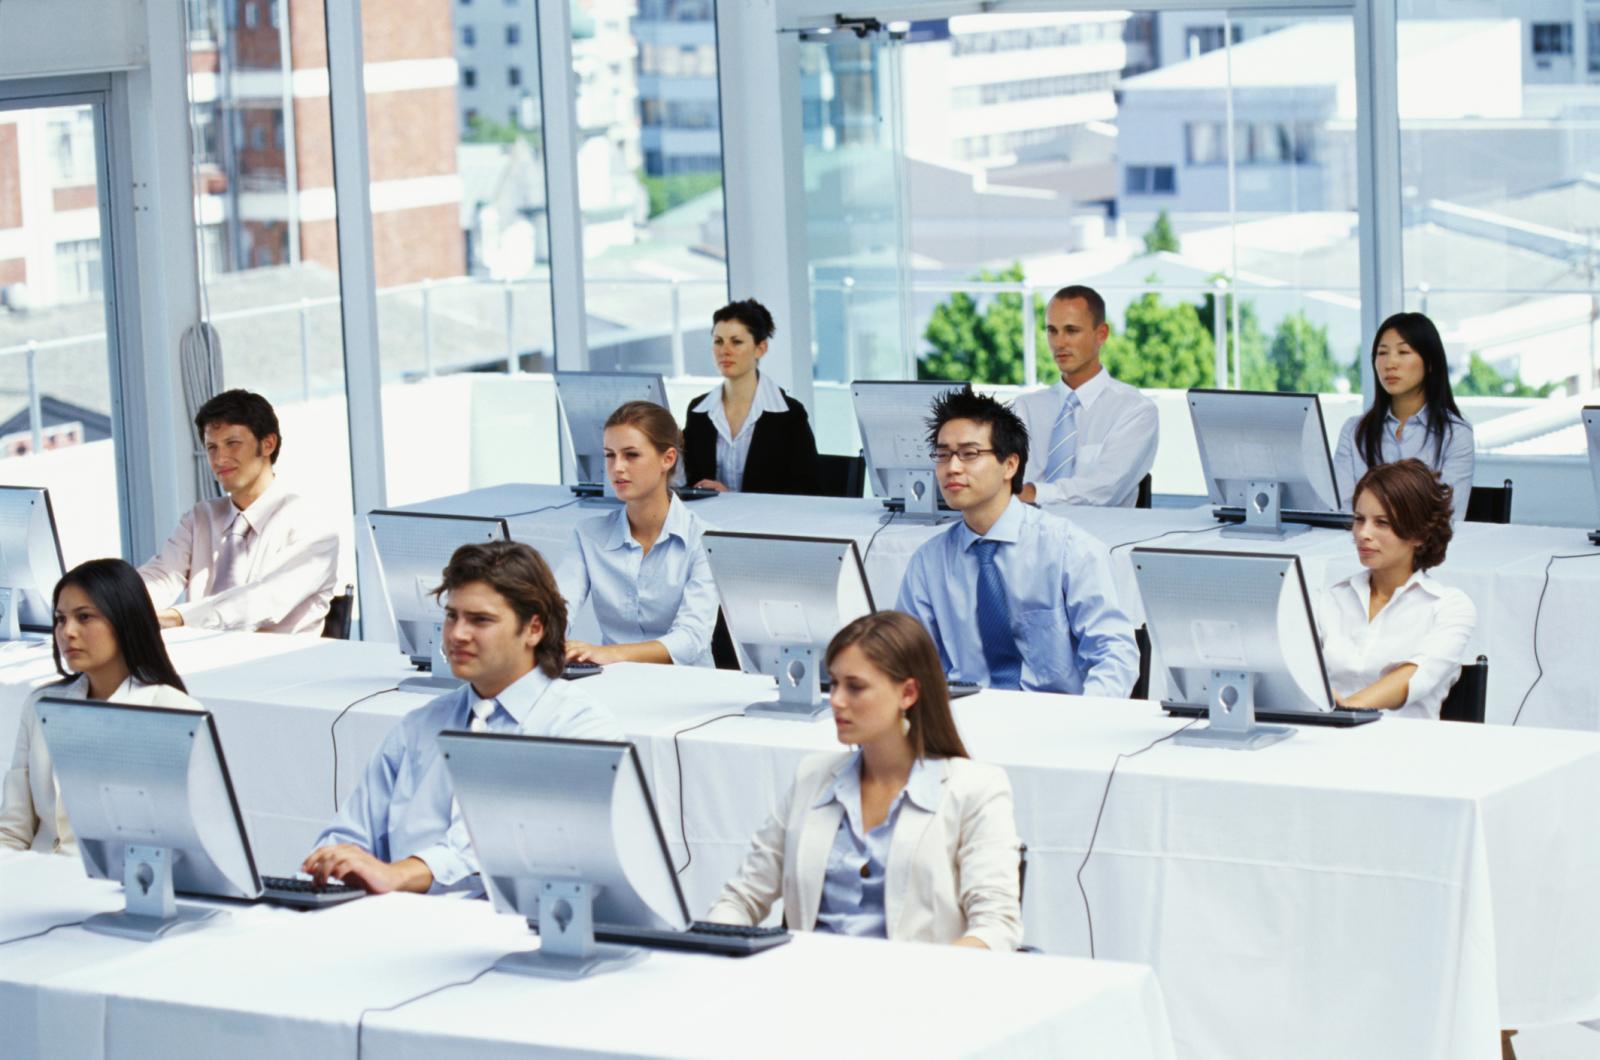 Загрузить Курсовая Профессиональная переподготовка и повышение  Курсовая профессиональная переподготовка и повышение квалификации в деталях